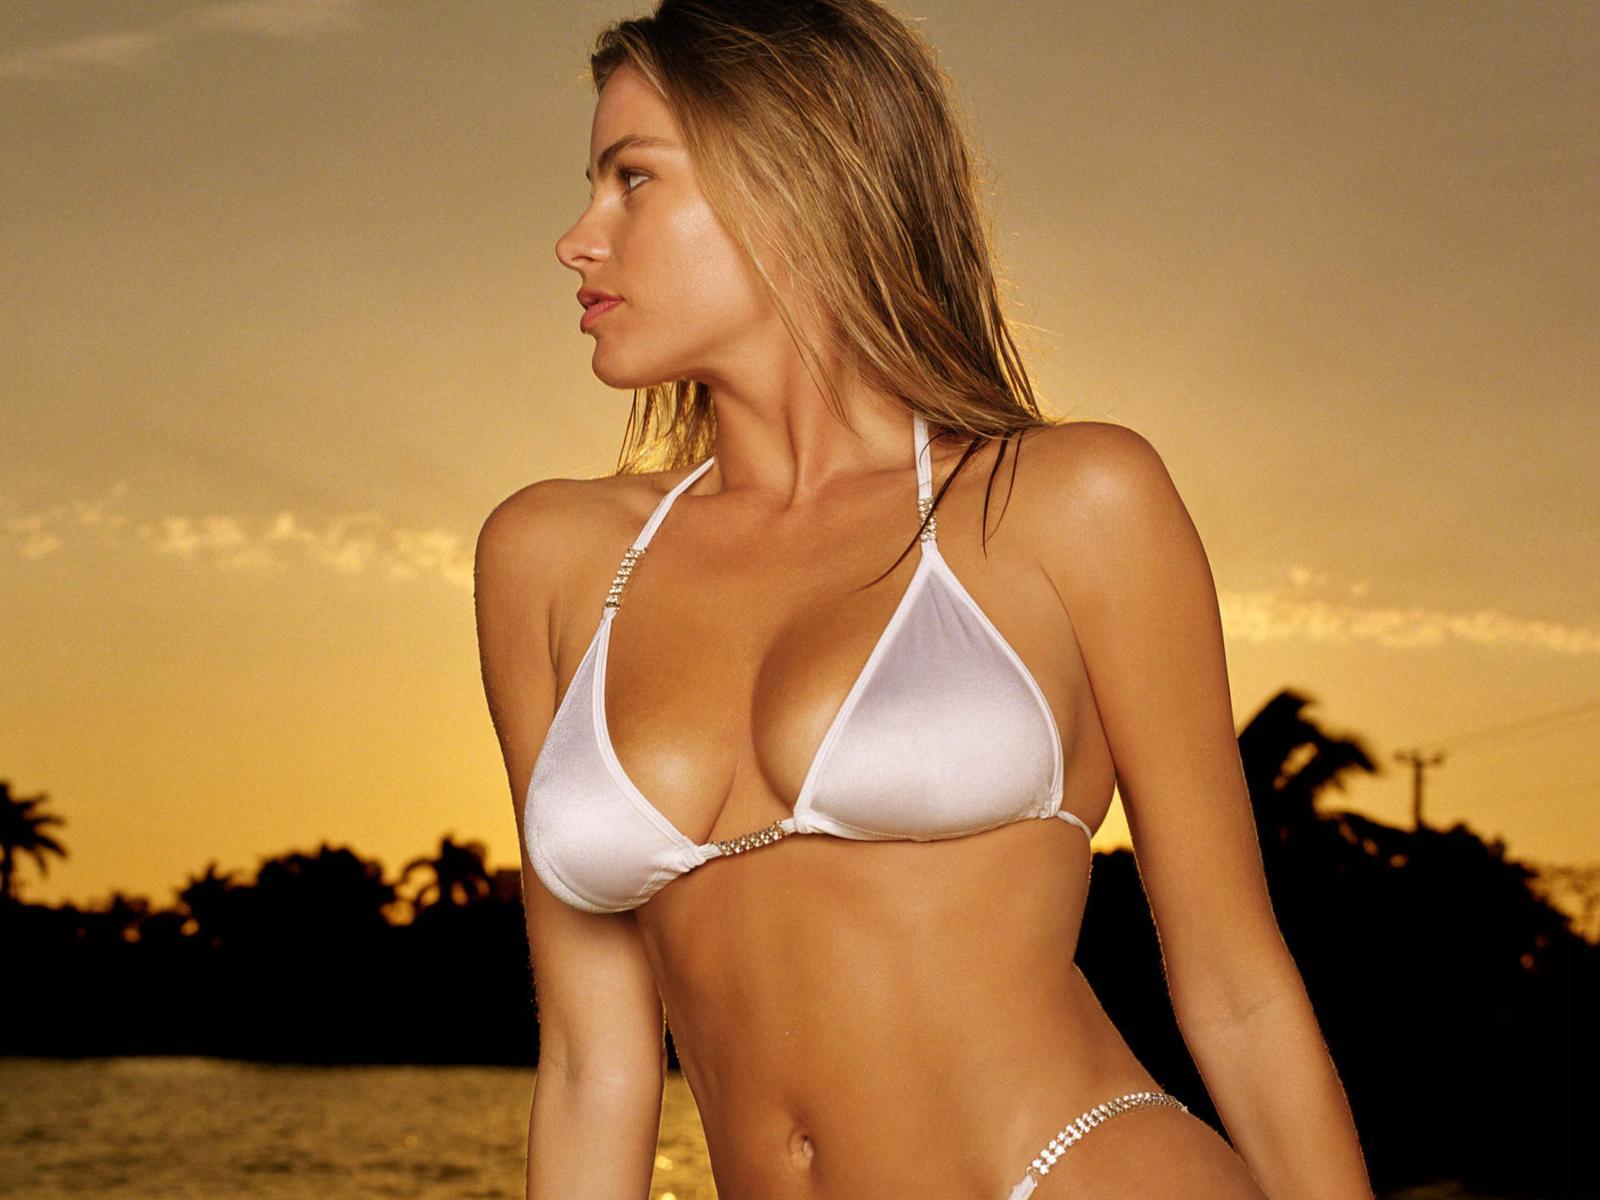 http://2.bp.blogspot.com/_gRl1tLJOW7Q/TLfeZ0klavI/AAAAAAAABMw/EDAO73JxGWU/s1600/sofia_vergara_hot_bikini_desktop_wallpaper_39665_raj.jpg